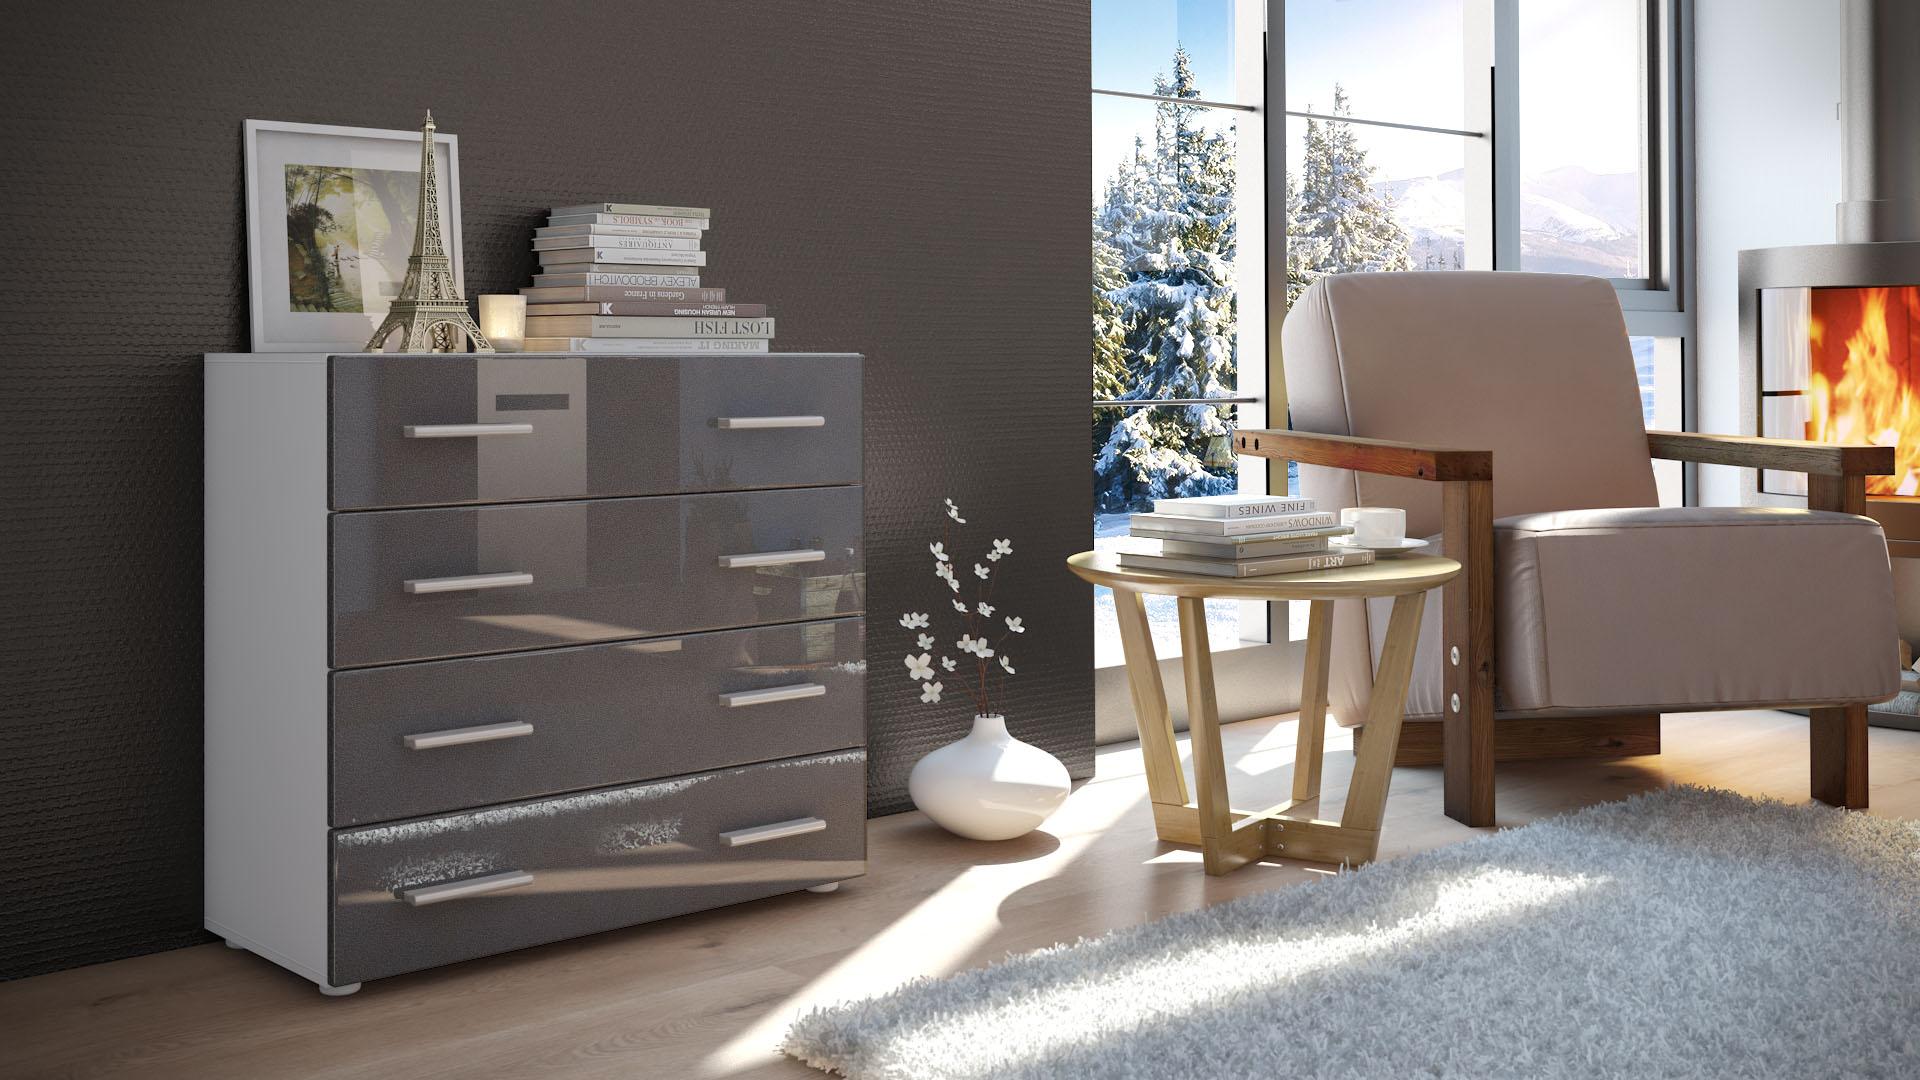 kommode schrank anrichte sideboard pavos in wei hochglanz naturt ne ebay. Black Bedroom Furniture Sets. Home Design Ideas